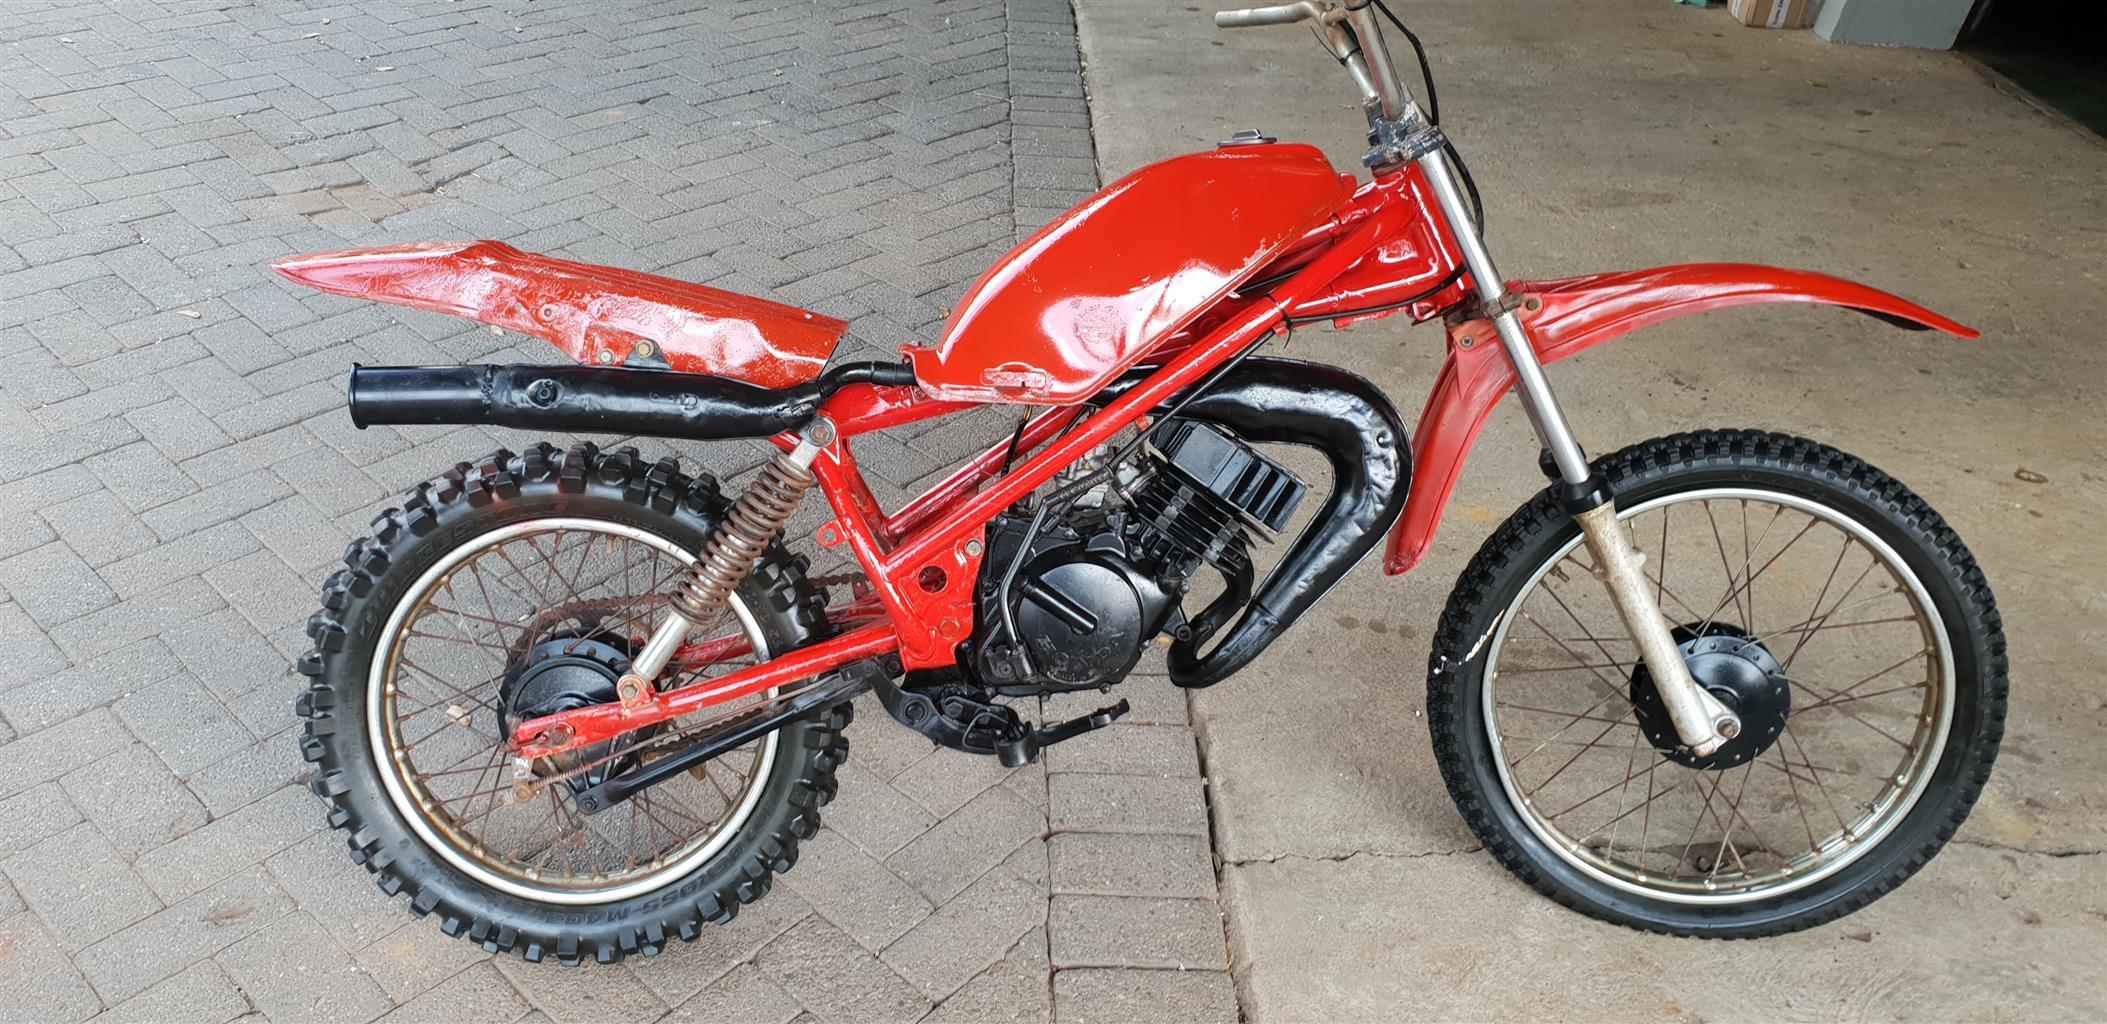 Honda MT 50